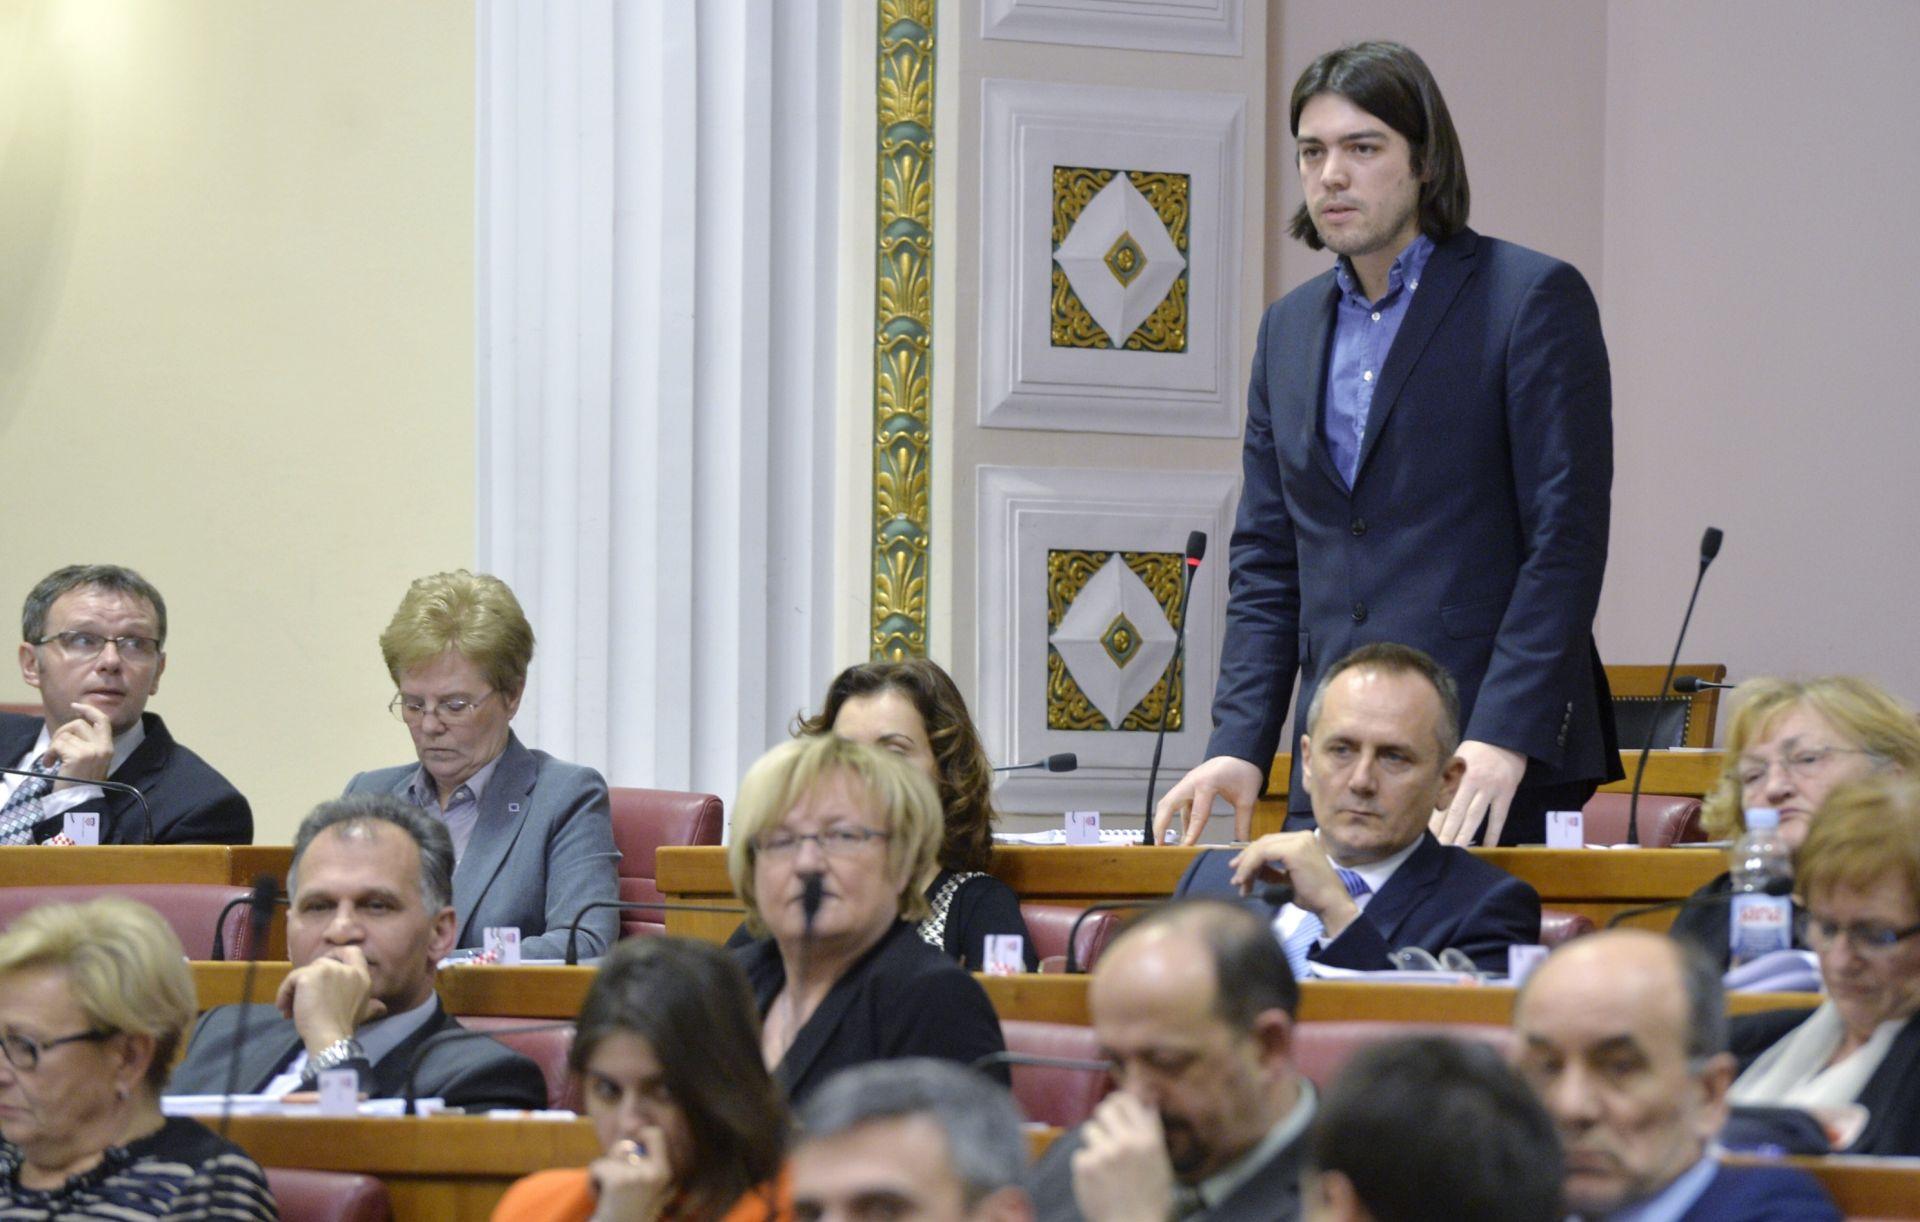 """REAKCIJA NA ODLUKU HRT-a Sinčić: """"Dnevnik HRT-a je veća uvreda za svakog inteligentnog građanina"""""""